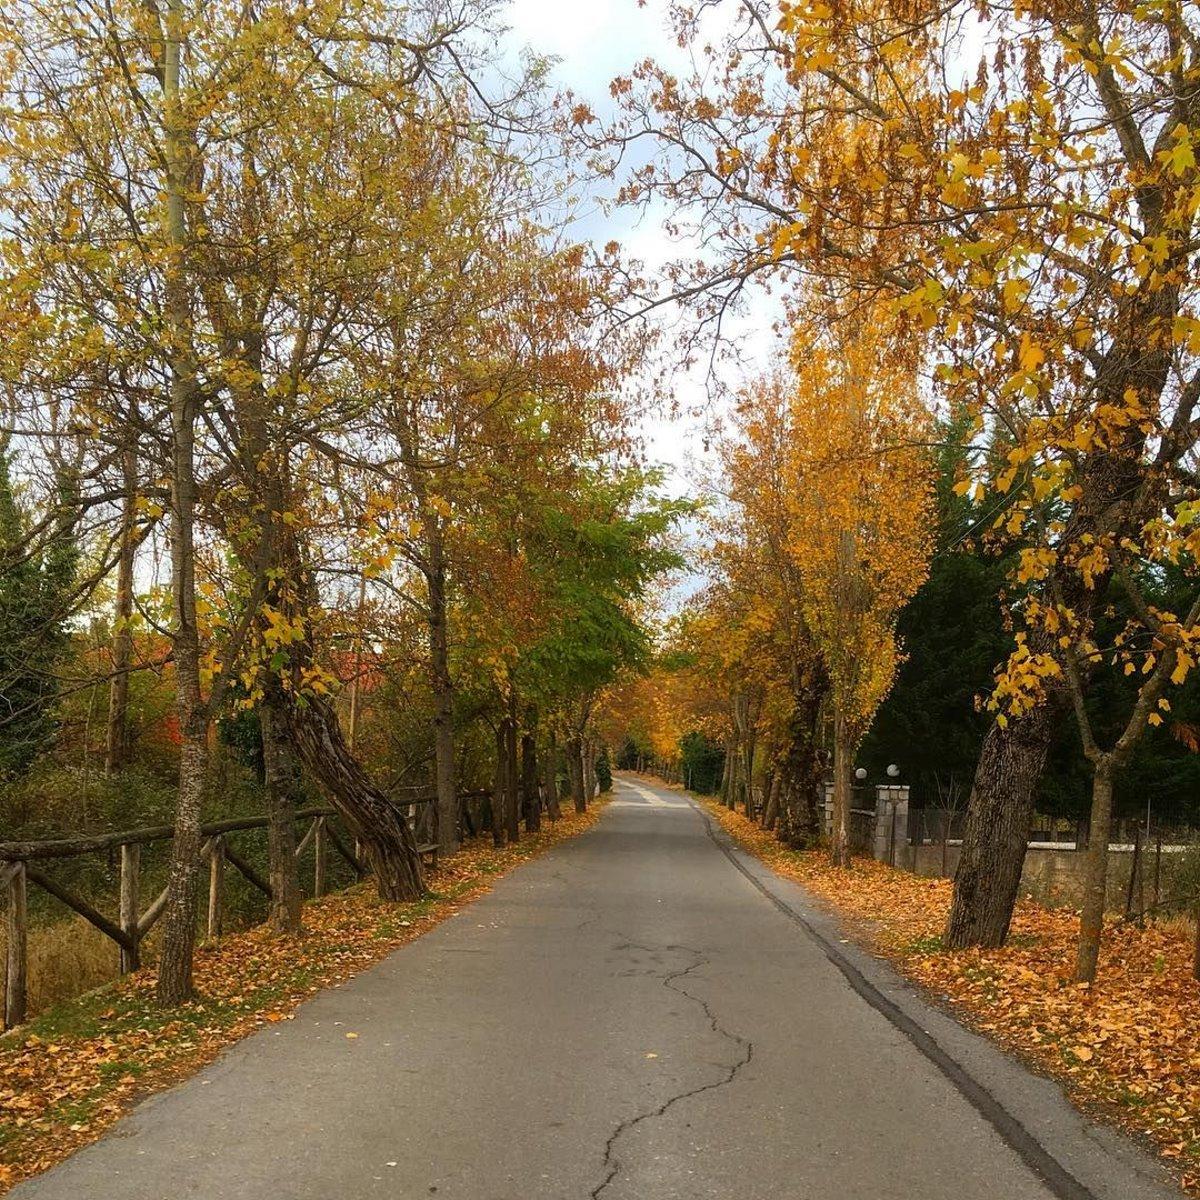 Δρόμος της αγάπης Βυτίνα 2 ώρες από την Αθήνα